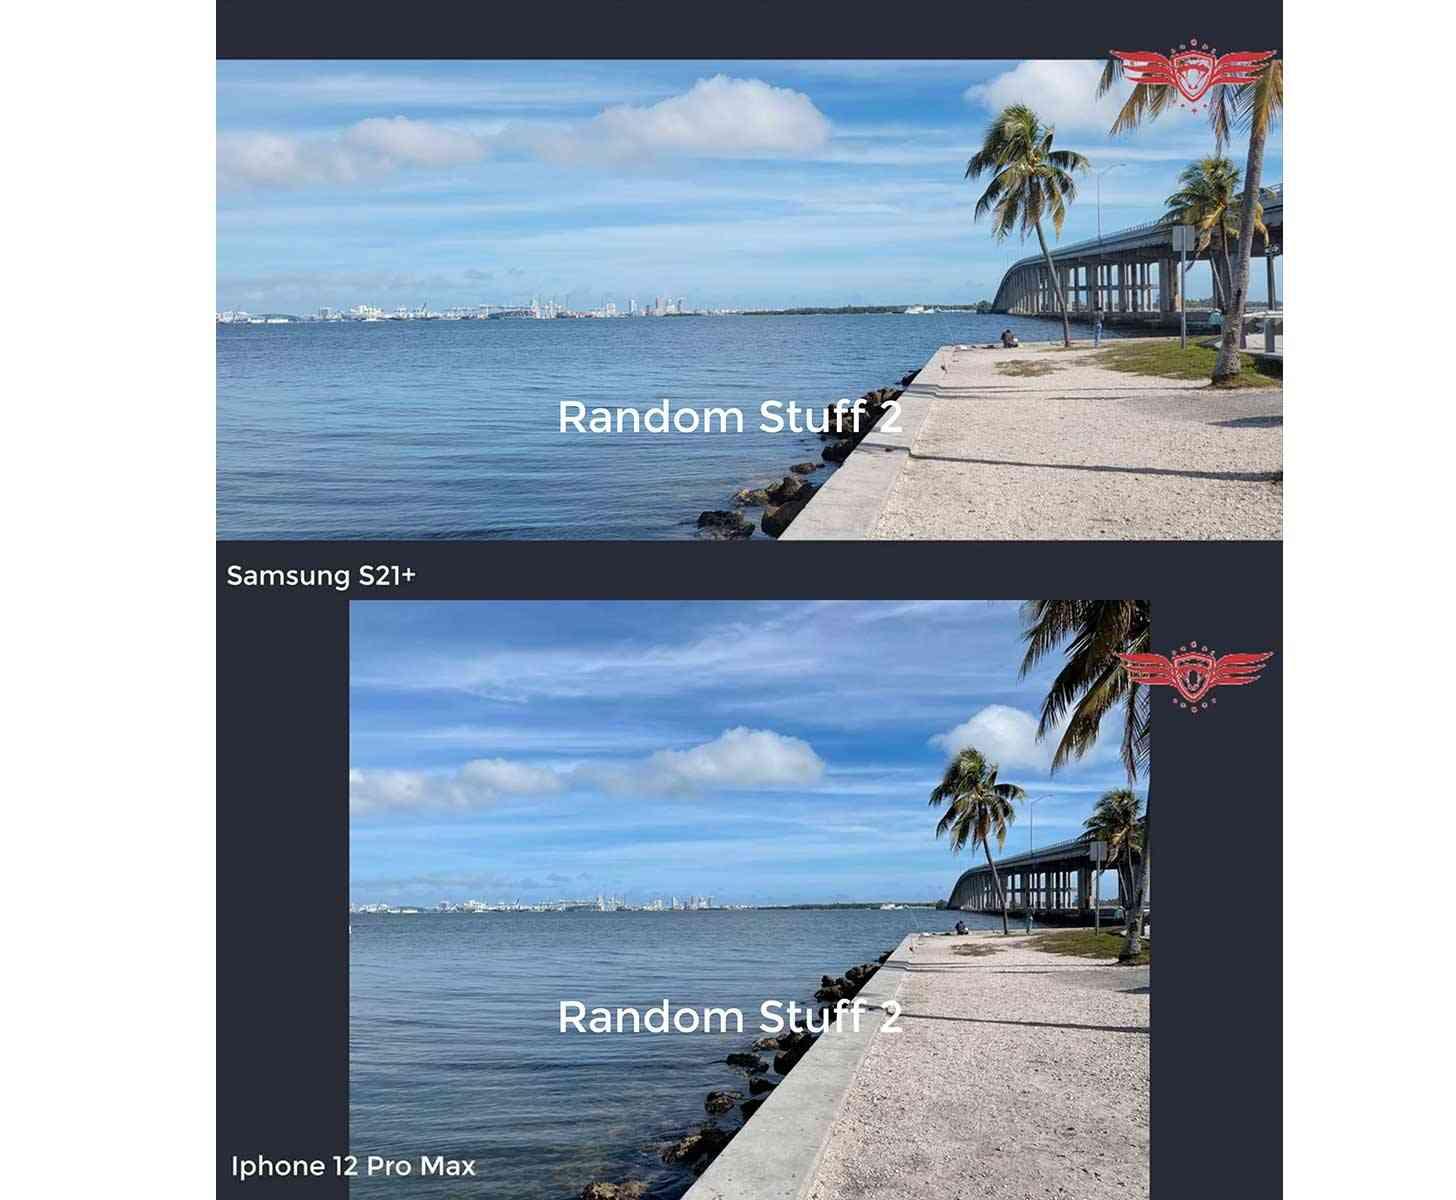 Samsung Galaxy S21+, iPhone 12 Pro Max photo comparison